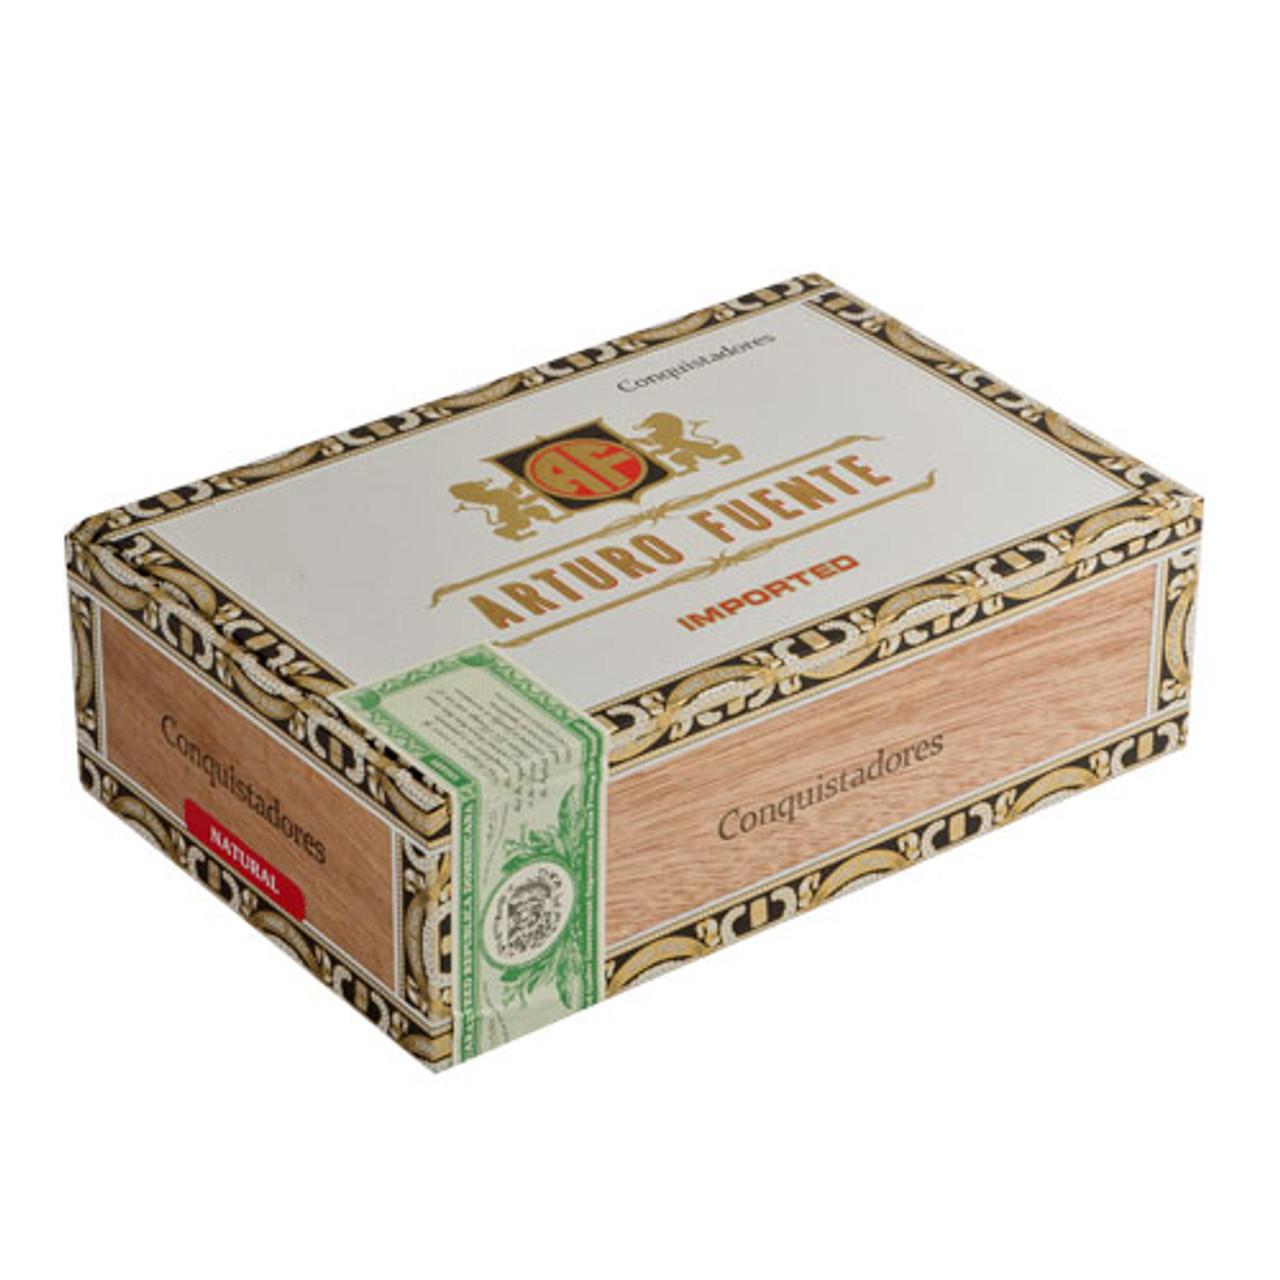 Arturo Fuente Especiales Conquistadores Cigars - 5.5 x 56 (Box of 30)